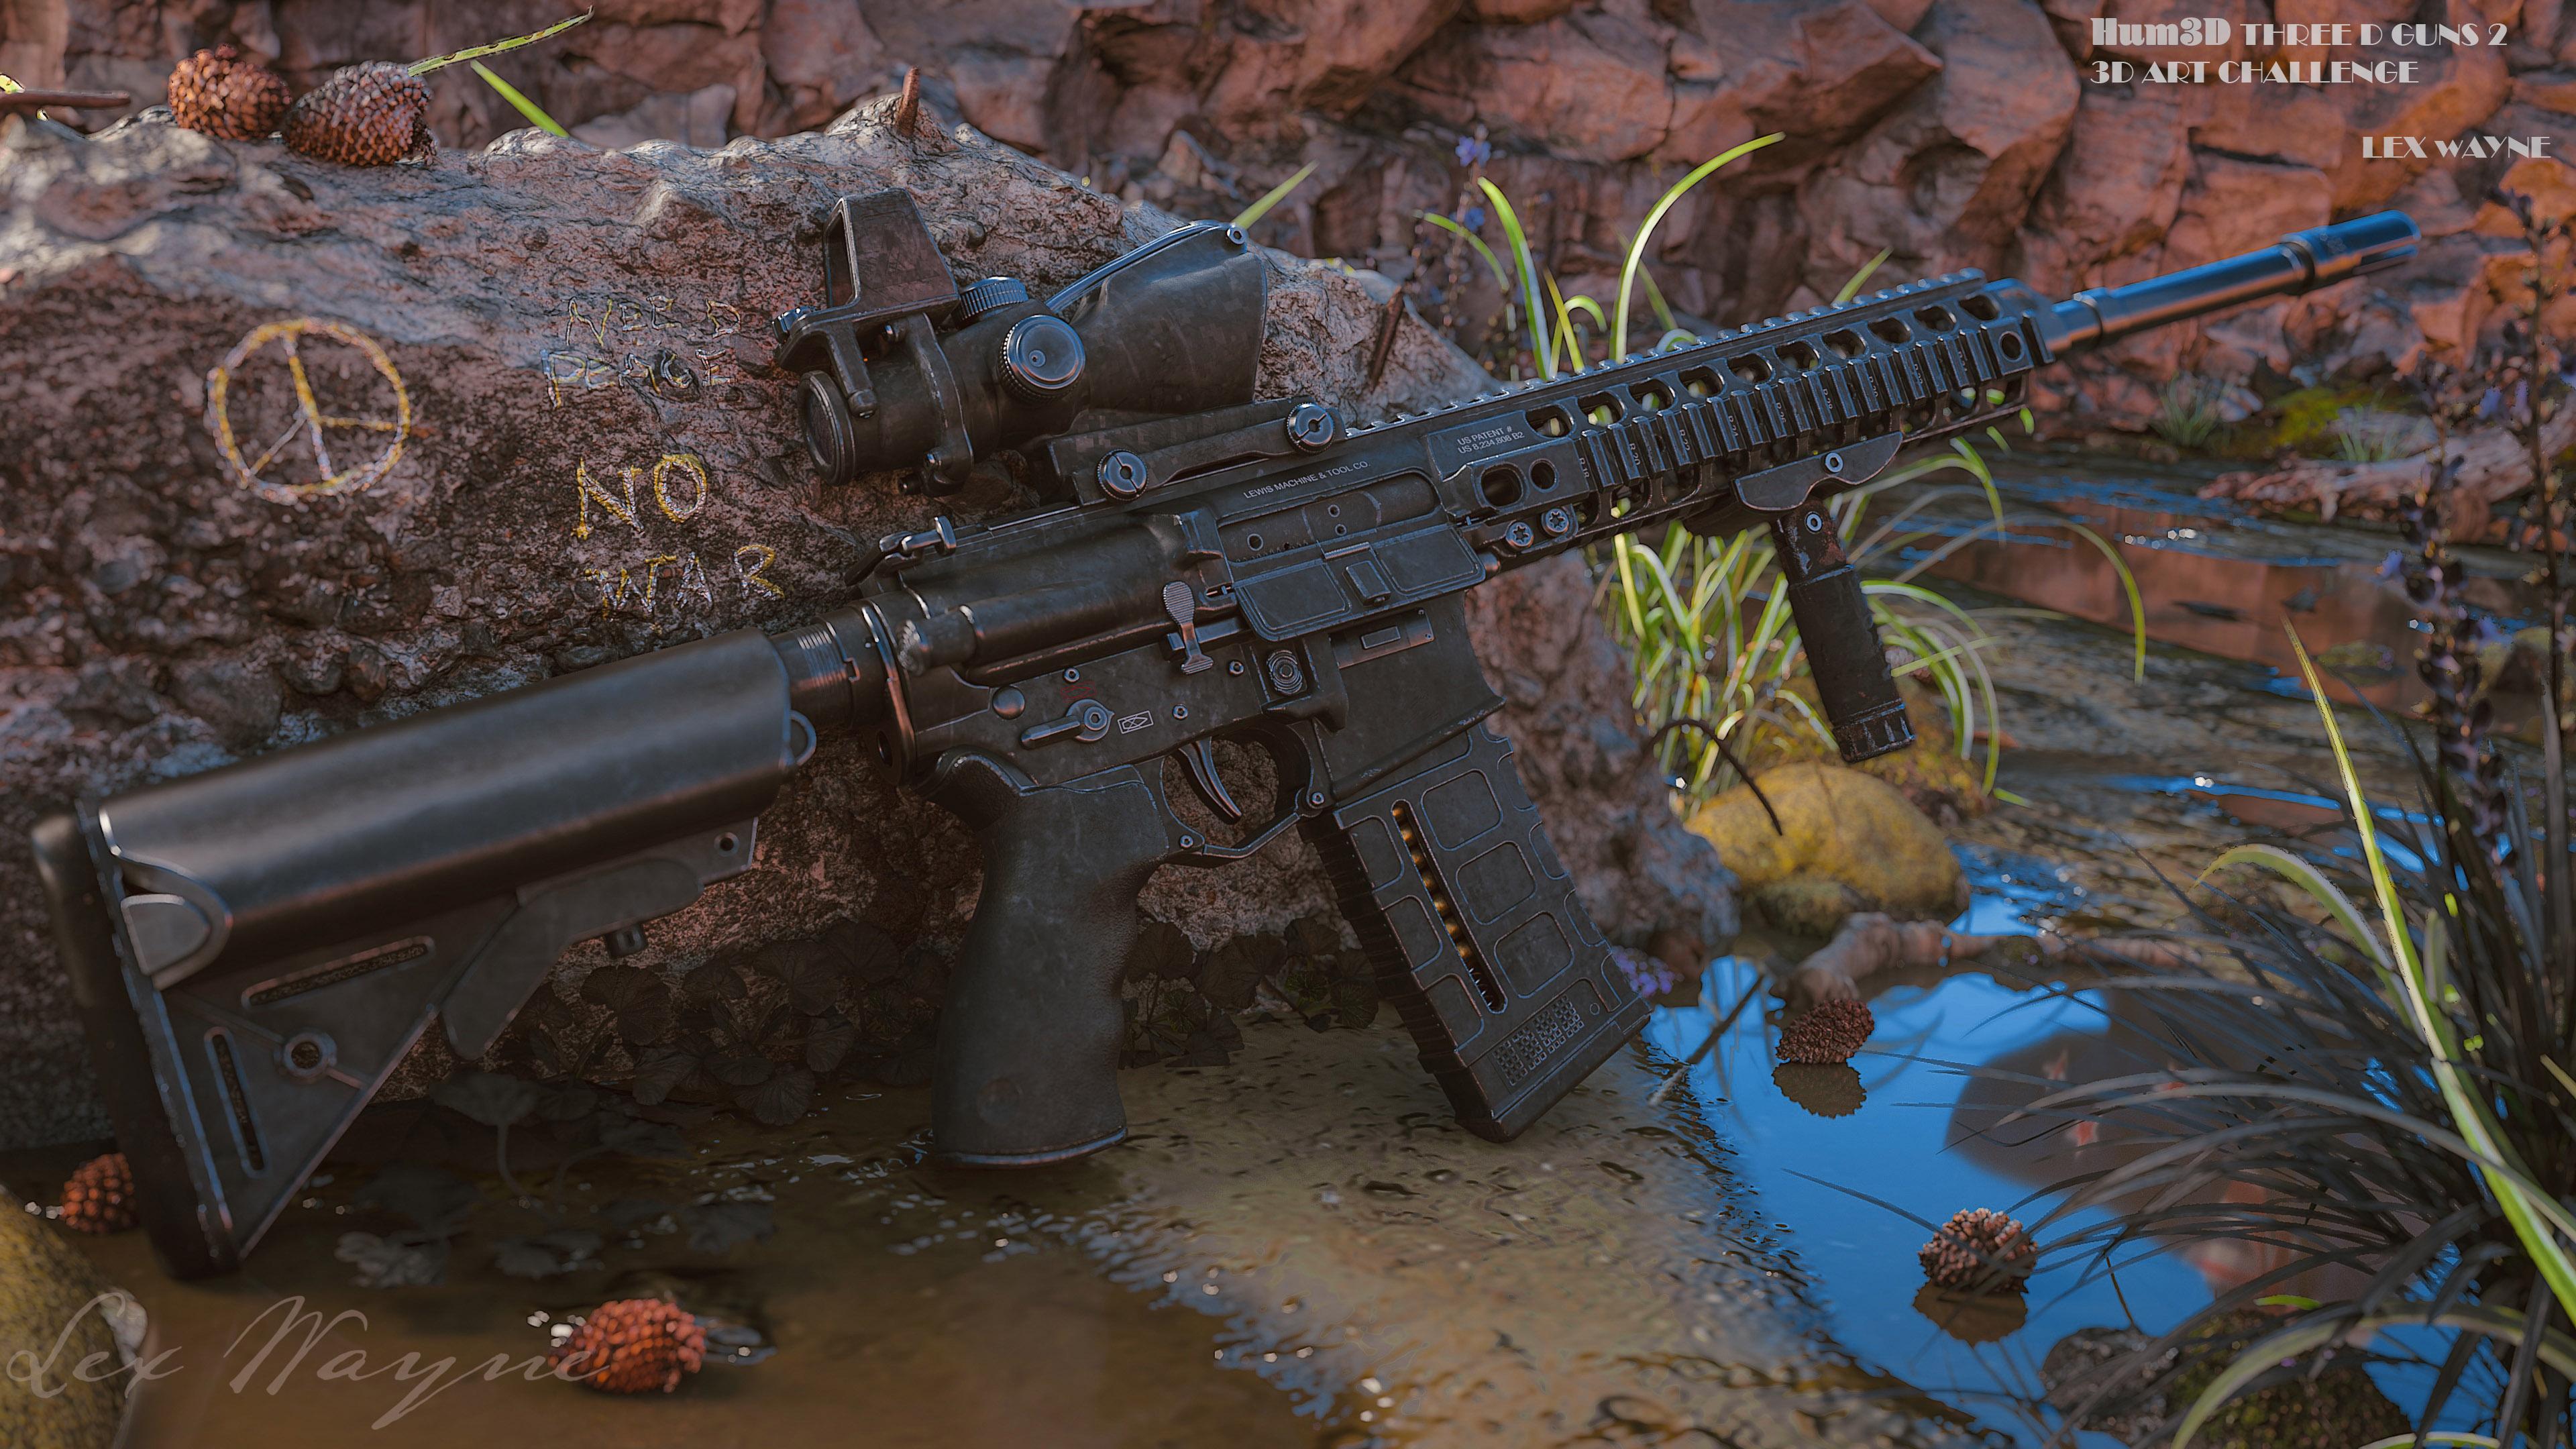 NZ Army Rifle 3d art